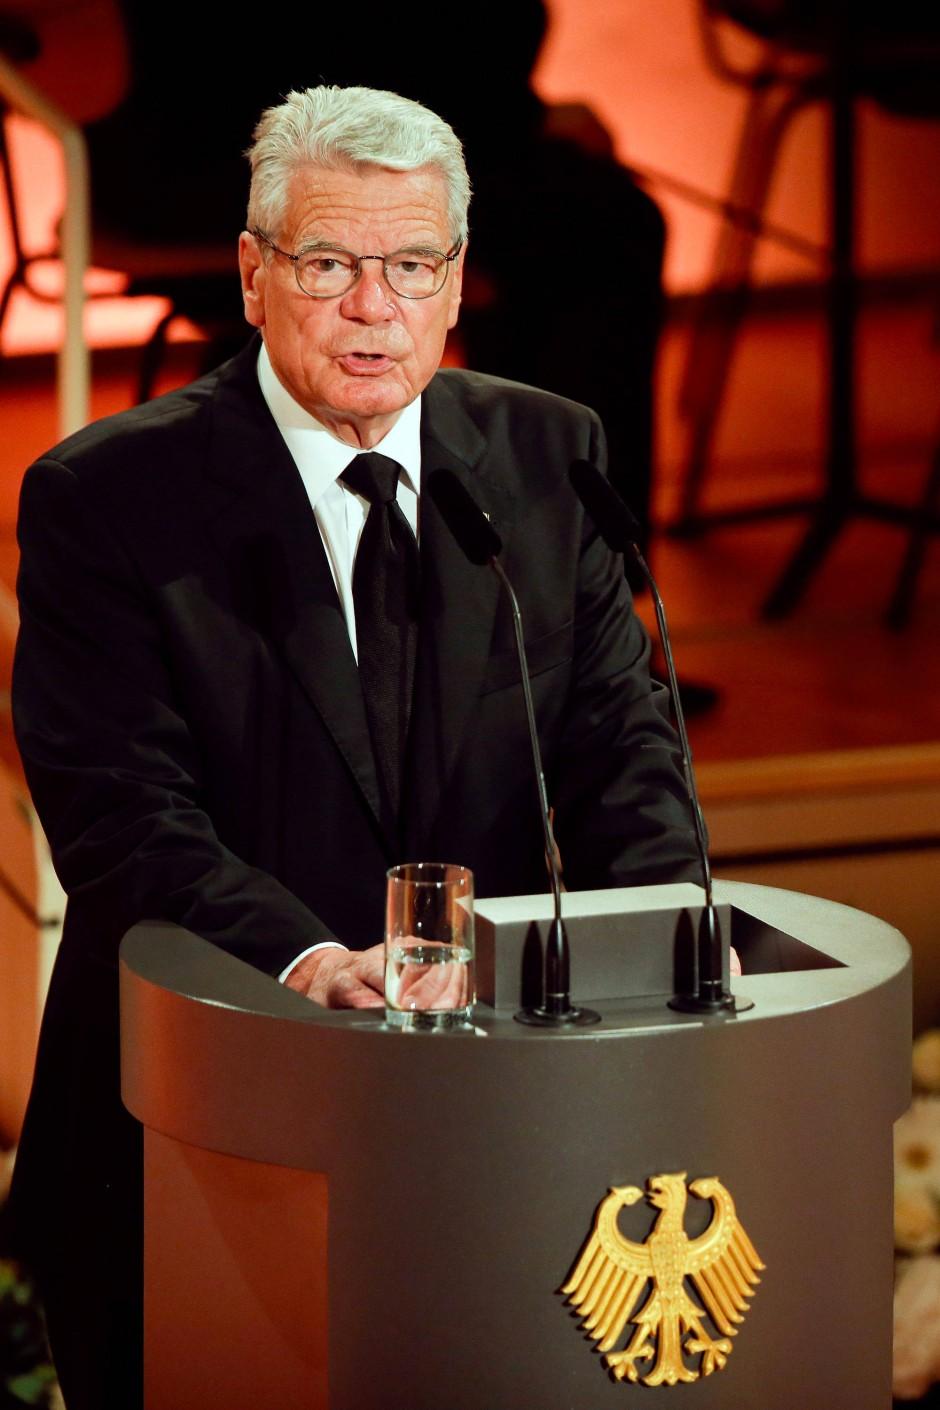 Auf einen Nachfolger für ihn scheinen sich die Parteien der großen Koalition noch nicht geeinigt zu haben: Bundespräsident Joachim Gauck.